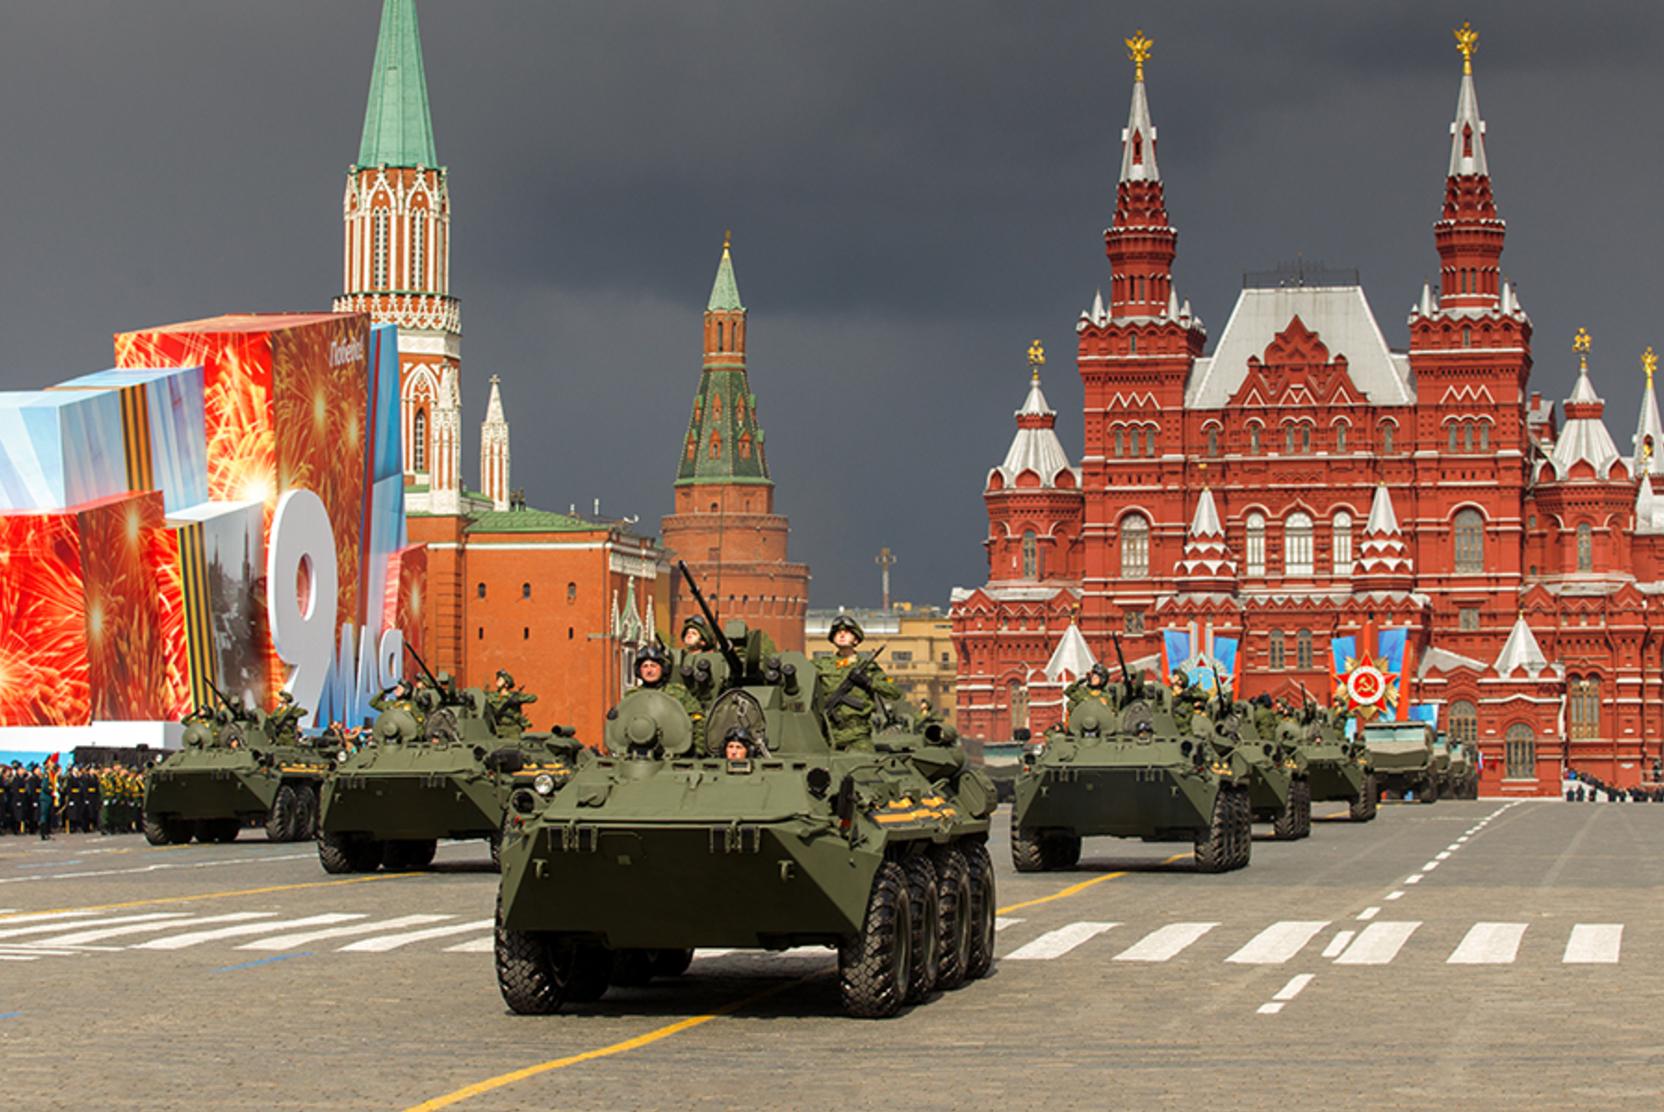 россии нет картинки парада в москве отвечает